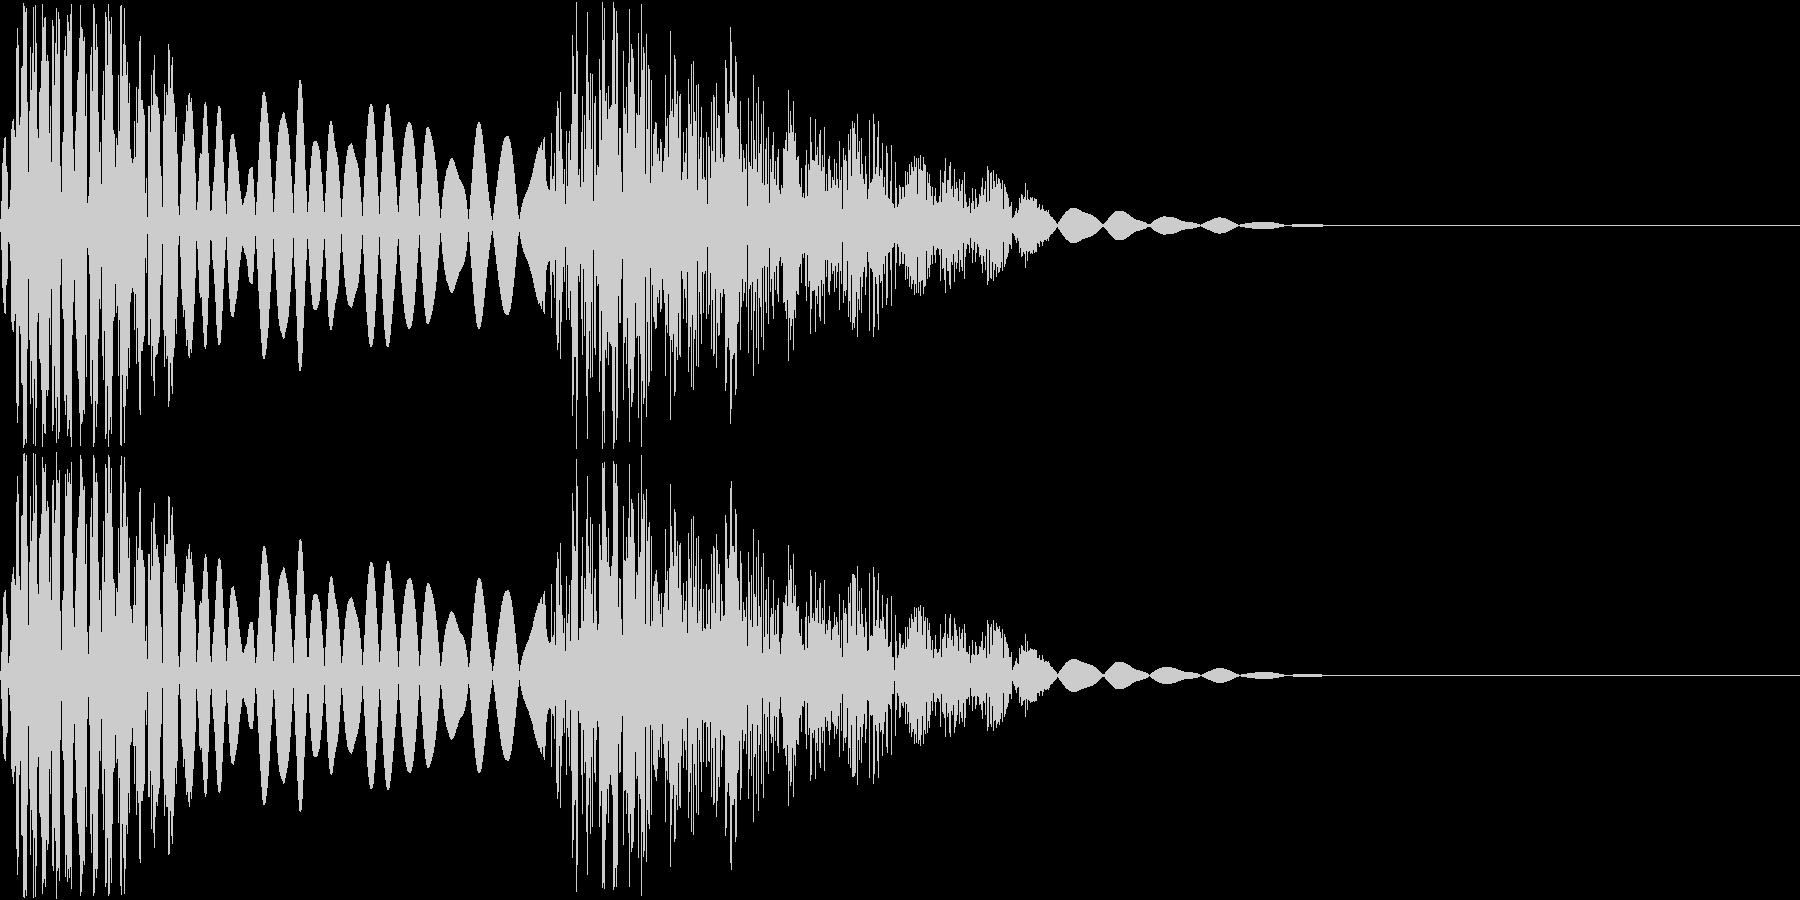 キシッ(猛獣の関節がきしむ音)の未再生の波形